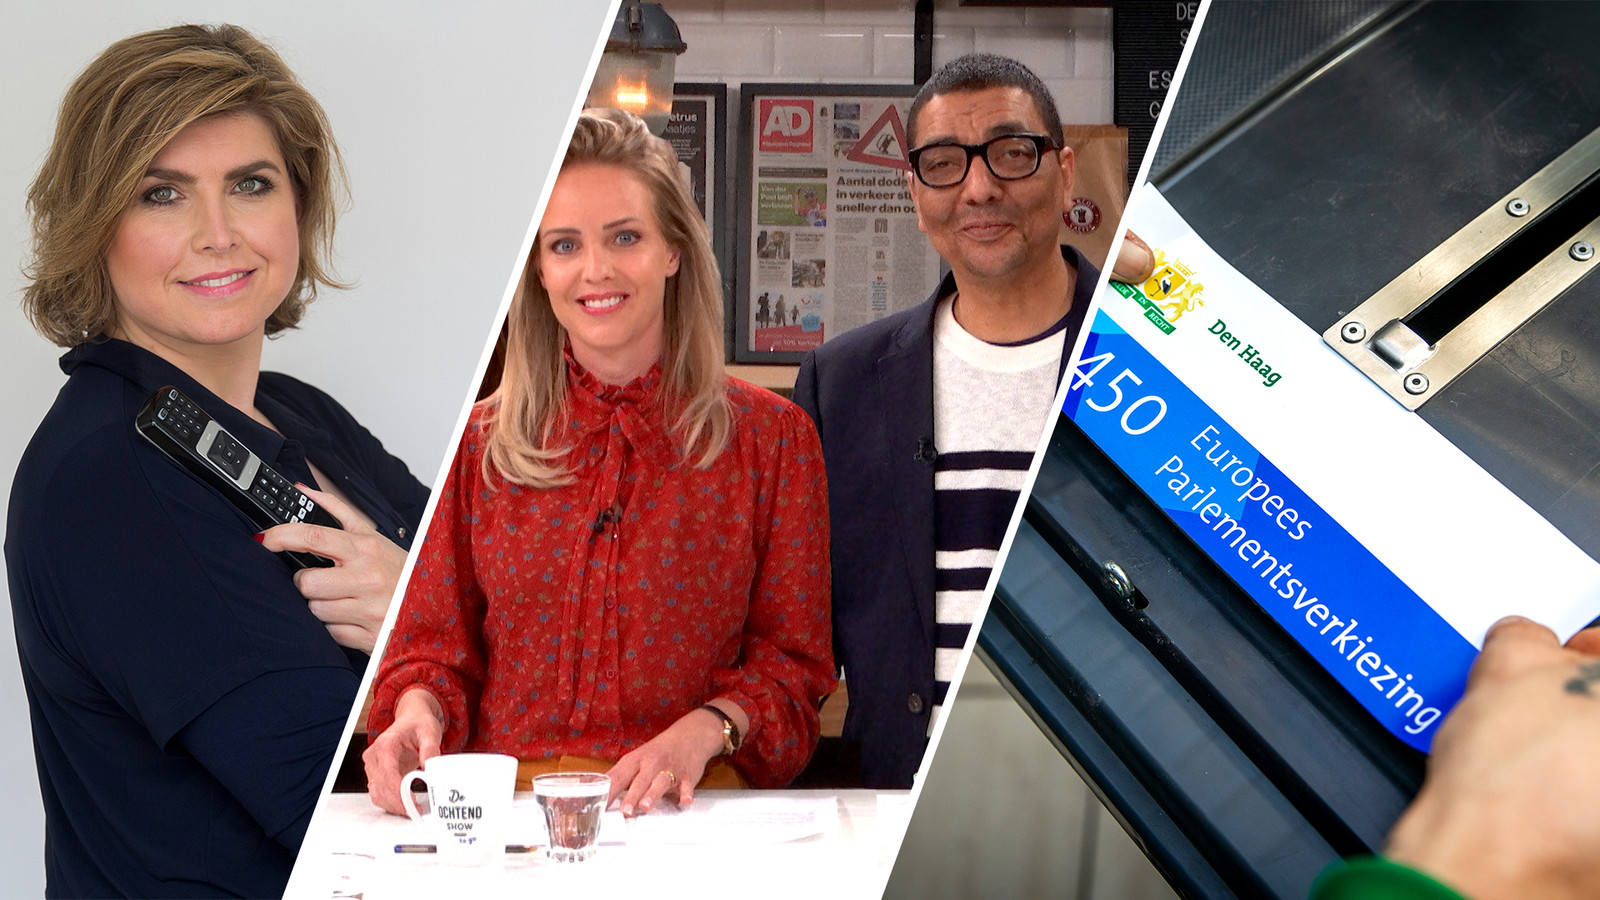 De Kiesvrouwen en Angela de Jong te gast in De Ochtend Show to go.